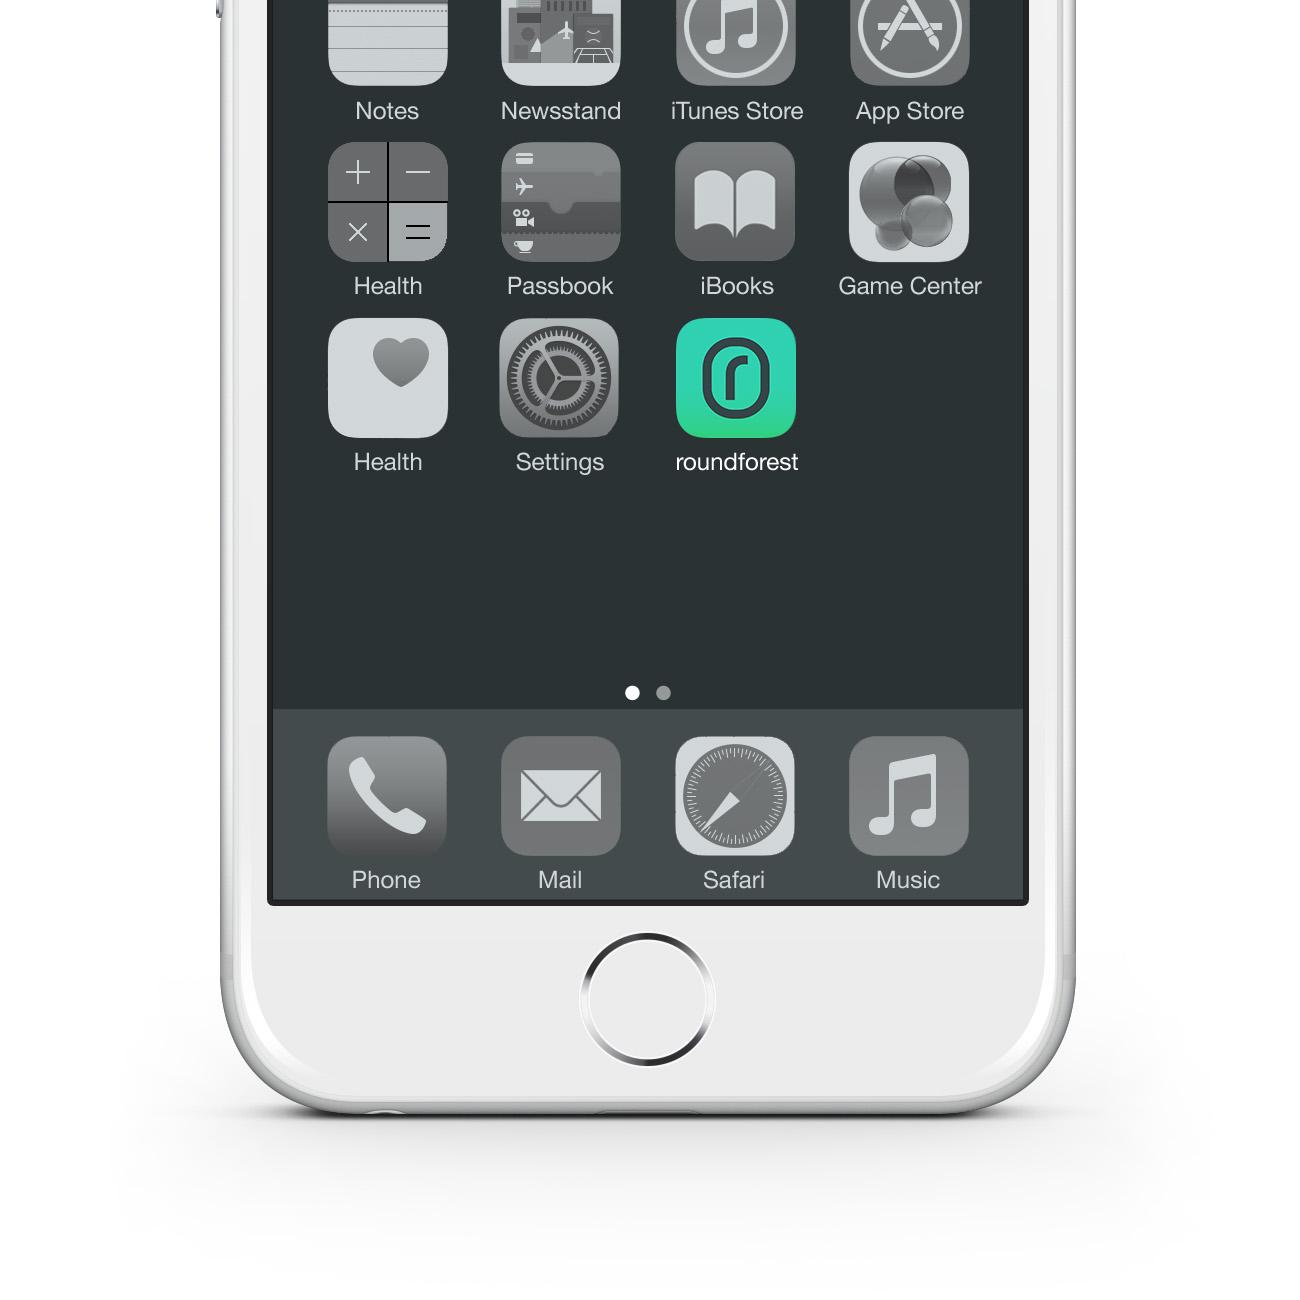 iphoneicon_1300